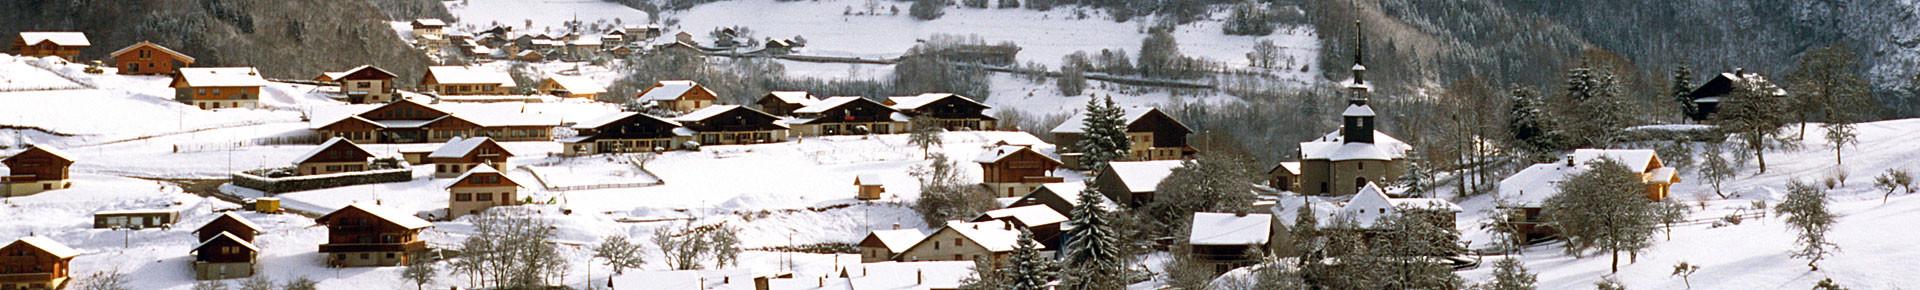 Le village de La Vernaz en hiver